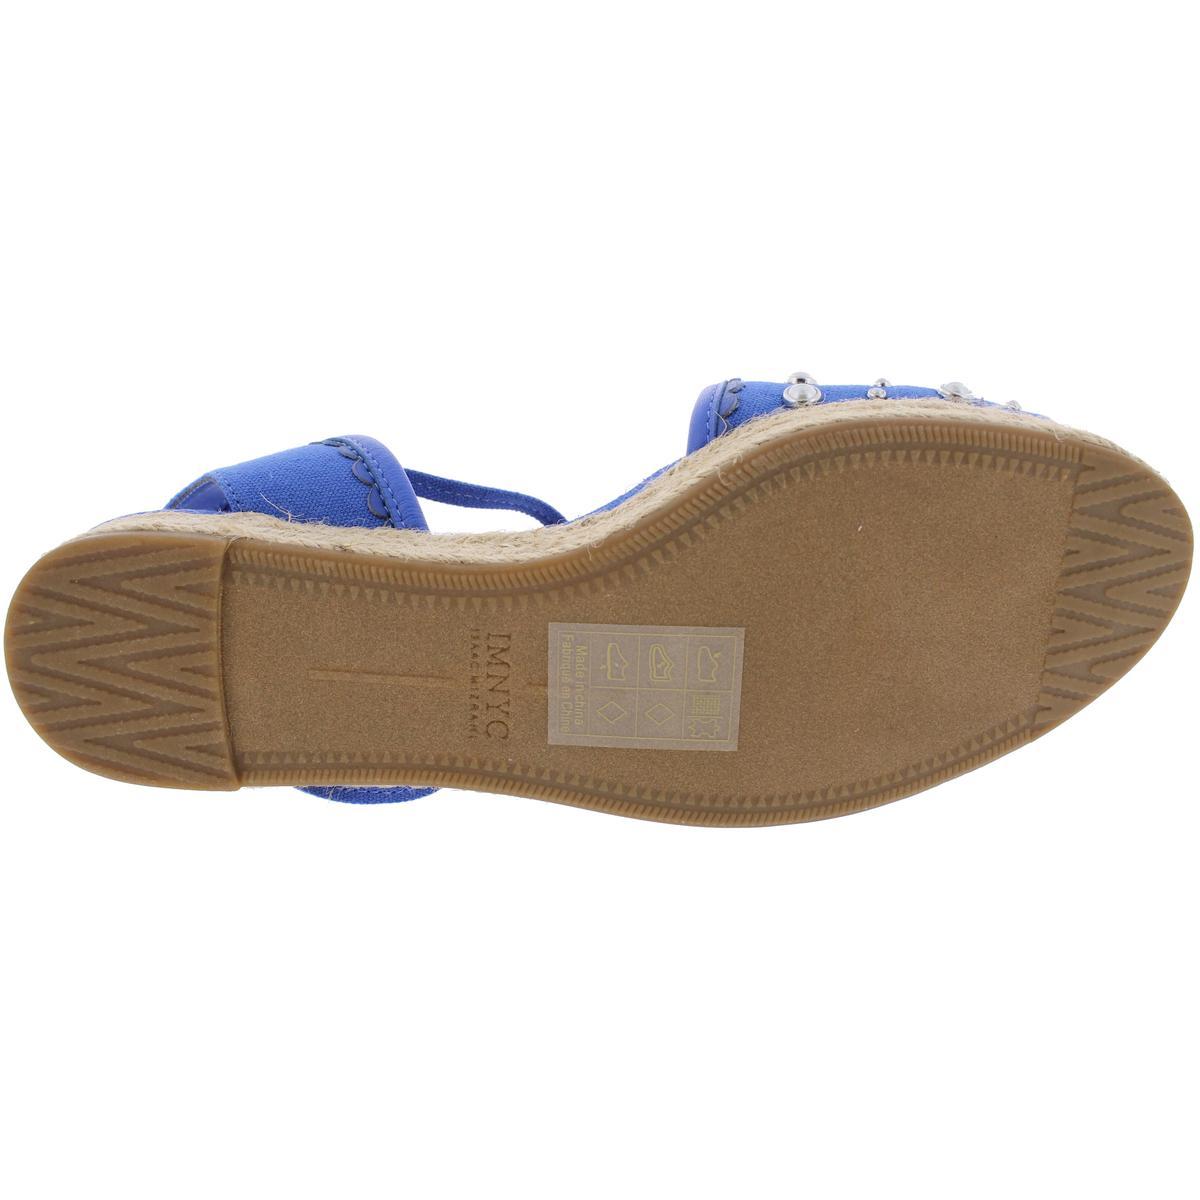 IMNYC-Isaac-Mizrahi-Womens-Hilda-Canvas-Flat-Sandals-Espadrilles-Shoes-BHFO-2640 thumbnail 9